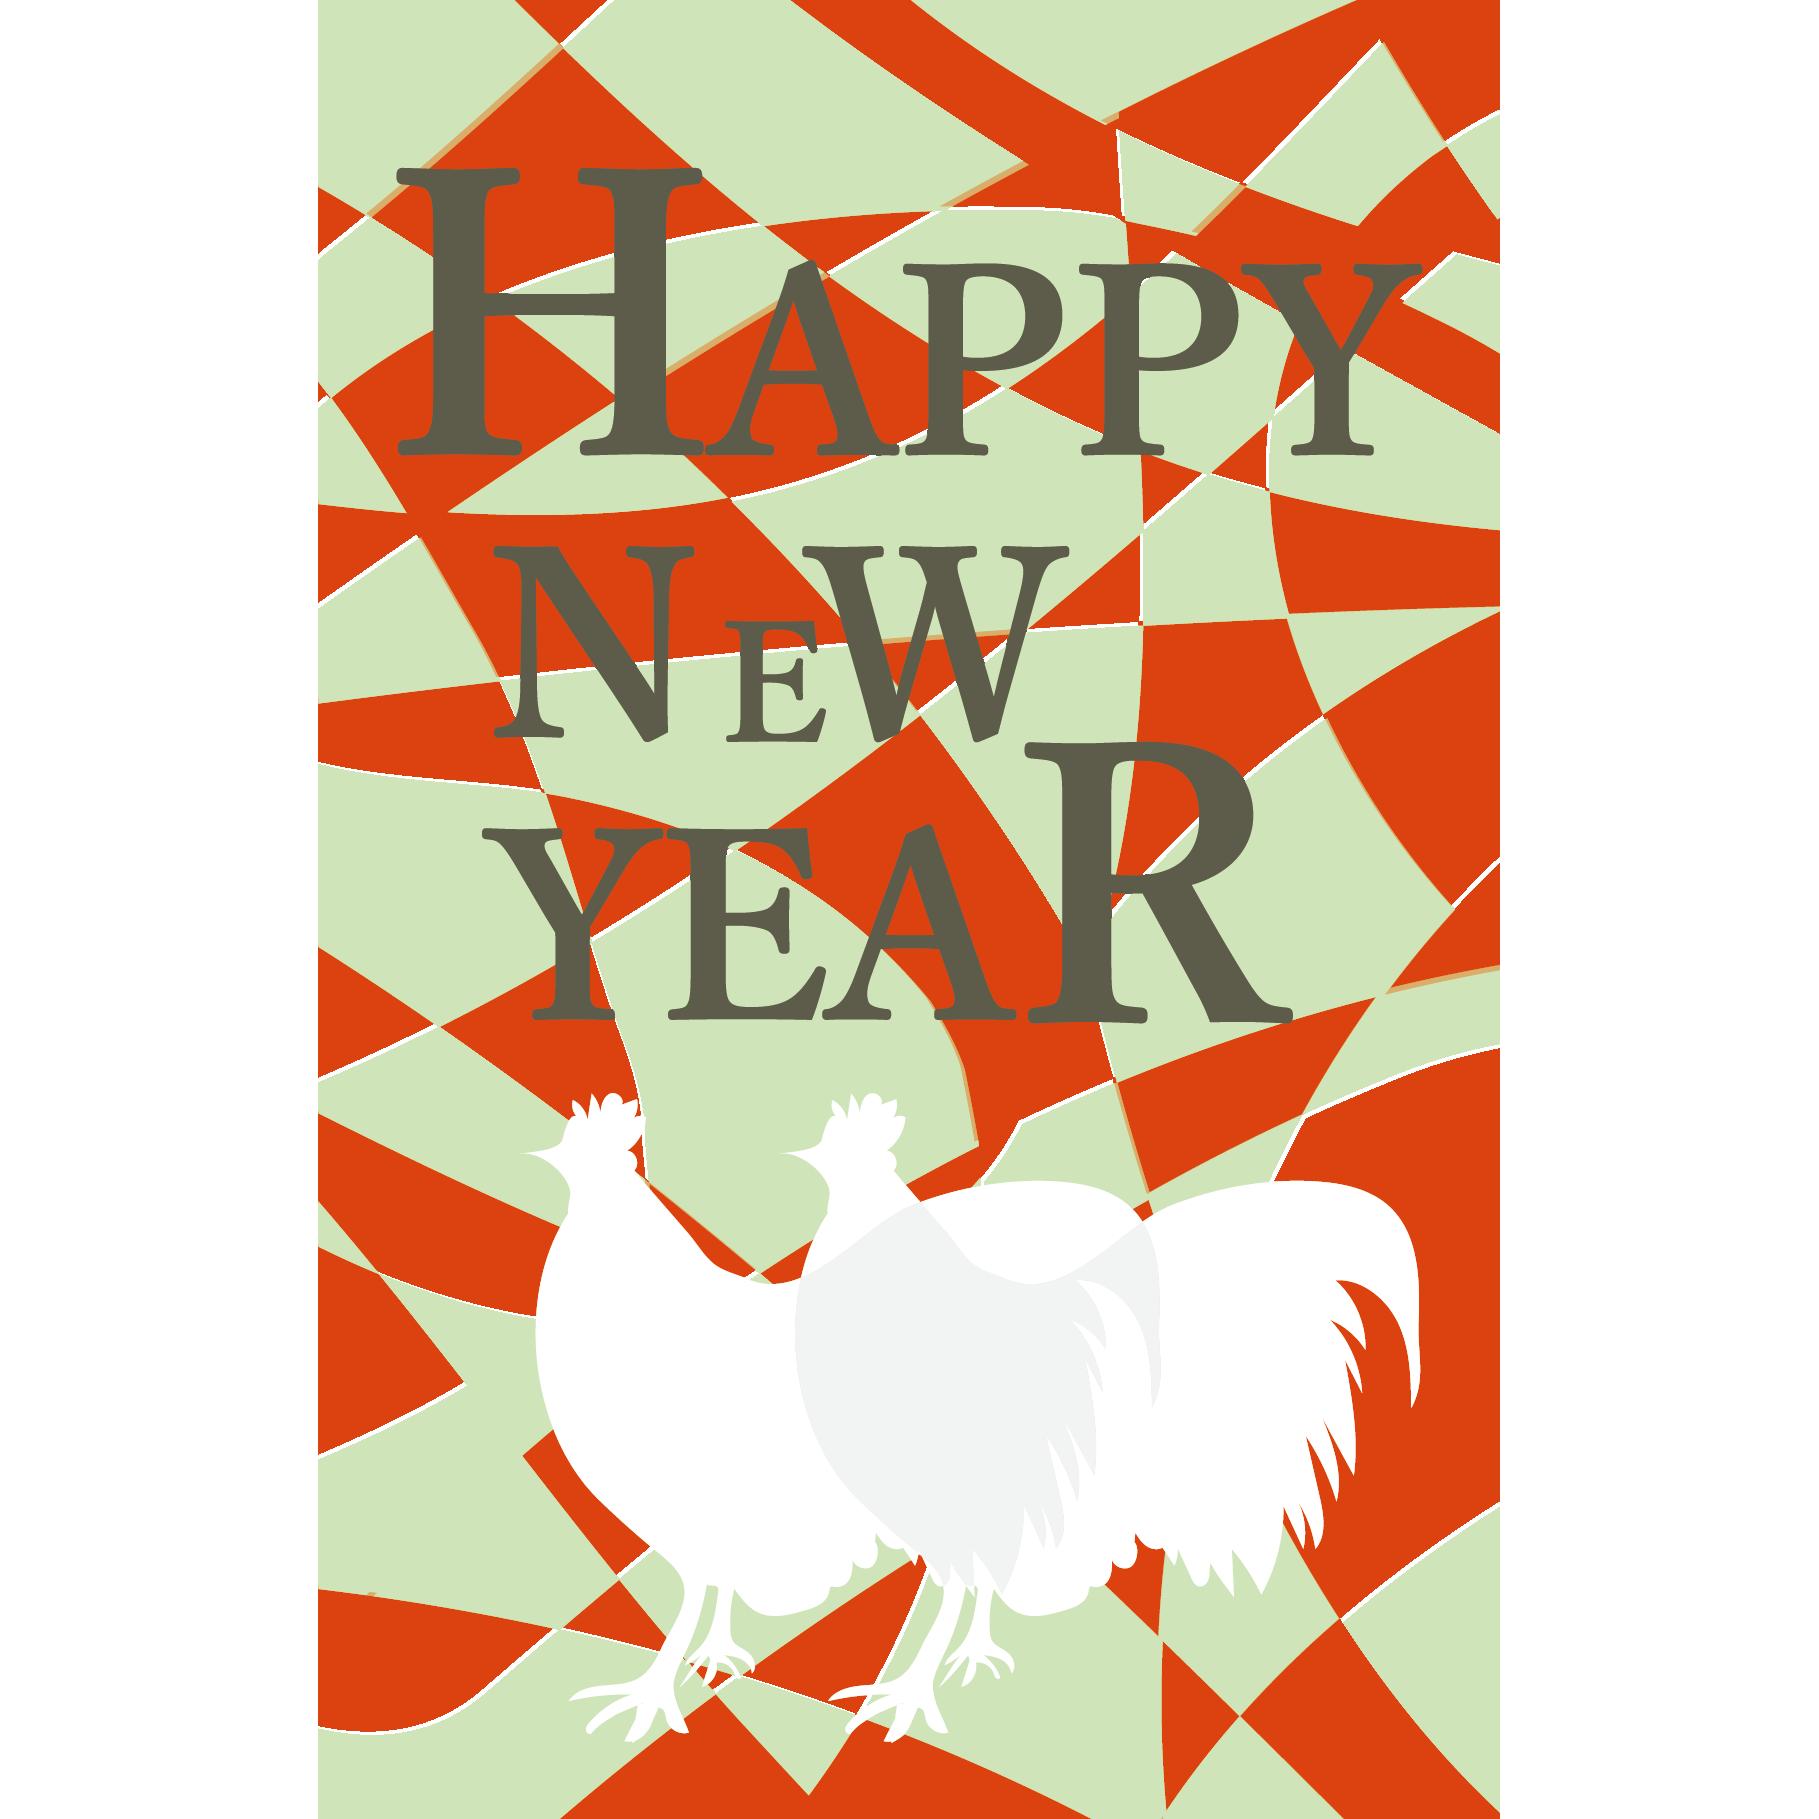 おしゃれな鶏の年賀状 イラスト 2017年【酉年】   商用フリー(無料)の